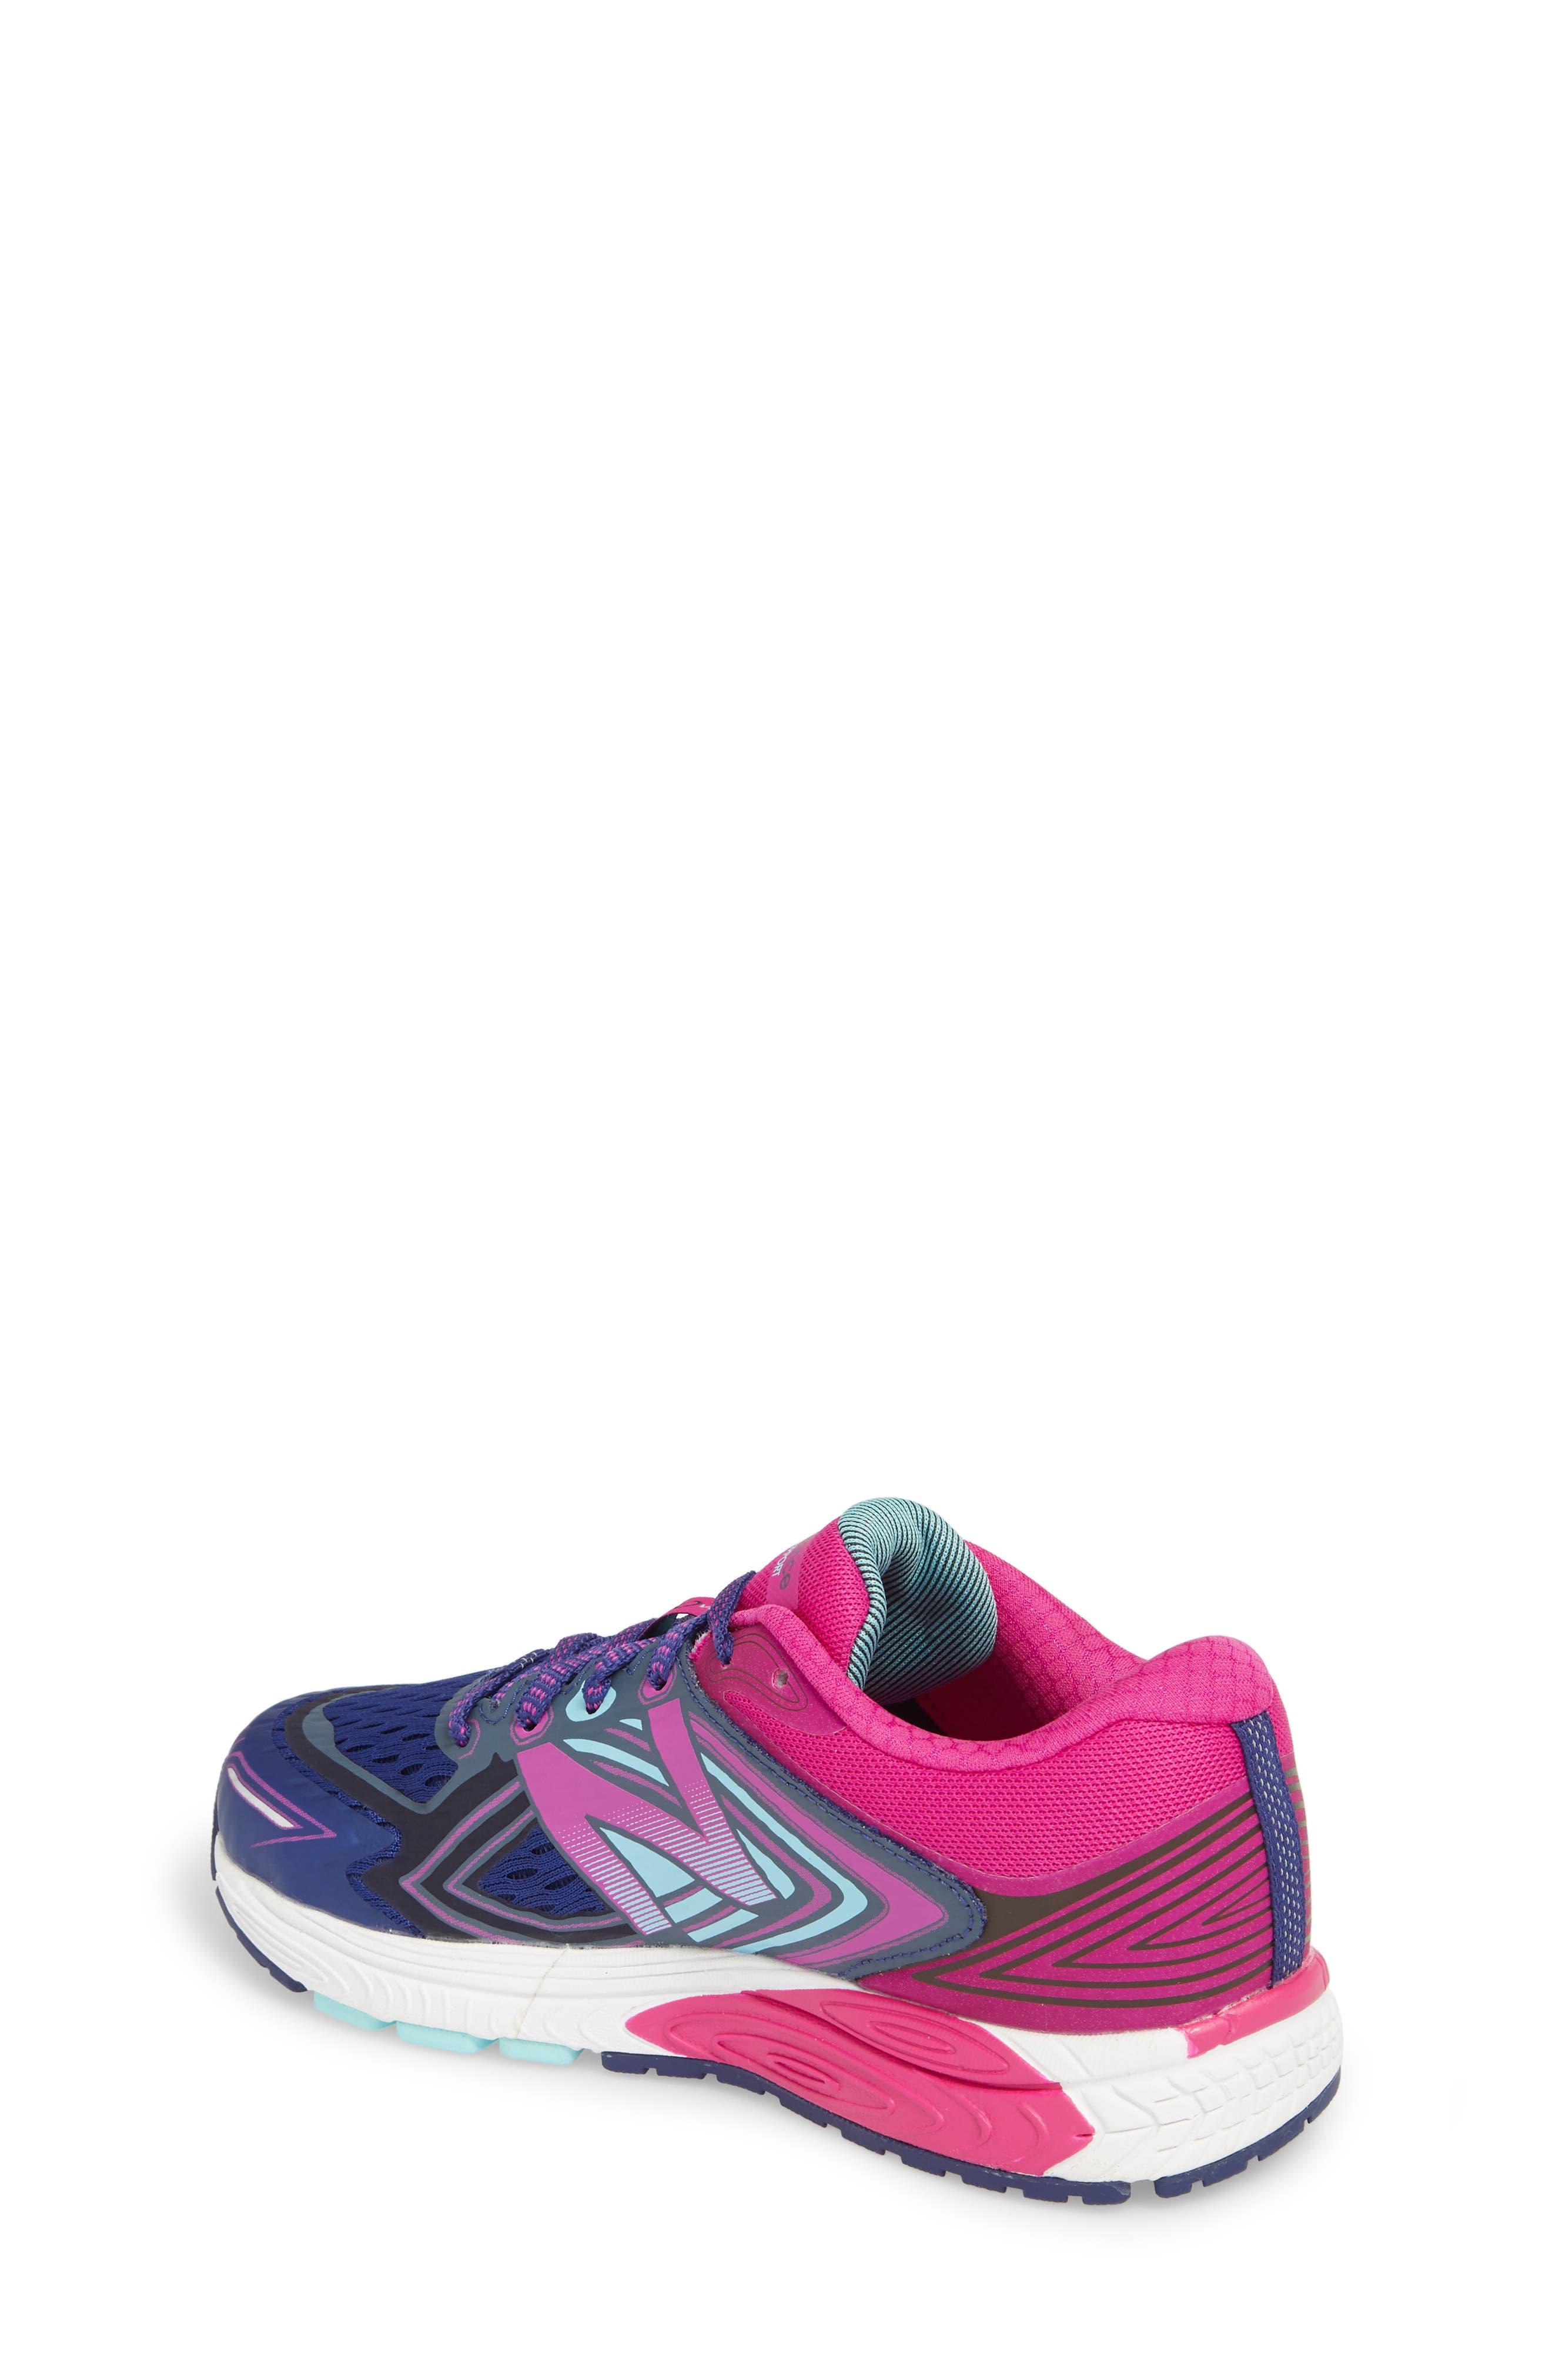 860v8 Sneaker,                             Alternate thumbnail 2, color,                             Navy